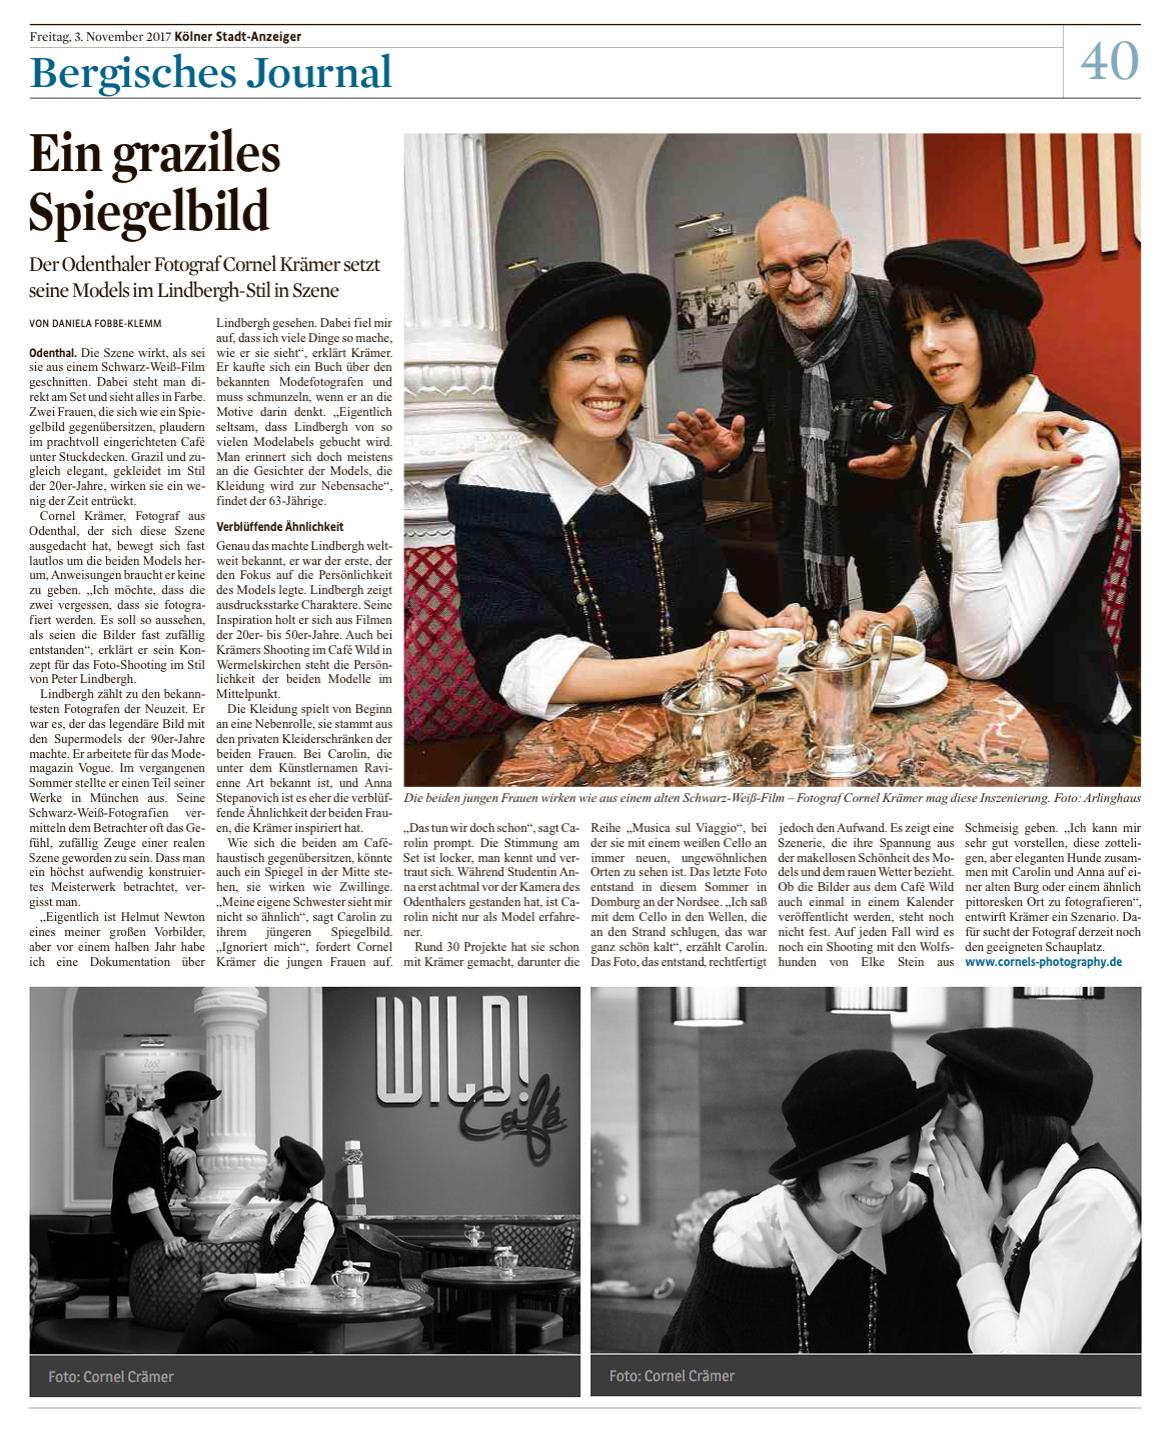 www.ksta.de